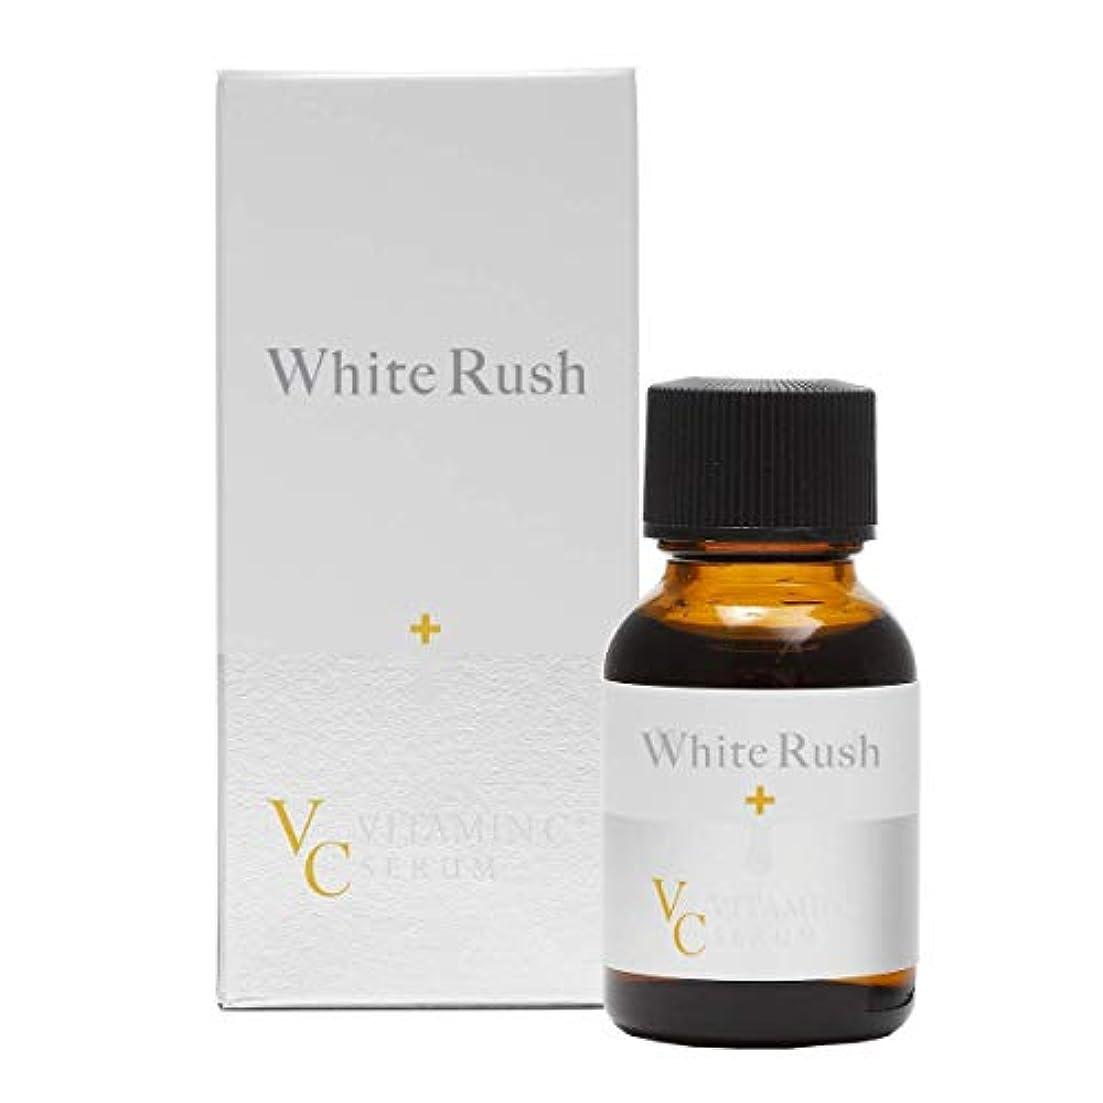 精査するパイロットプラカード【高濃度ビタミンC誘導体30%】White Rush VC ビタミンCセラム 18ml(18g)